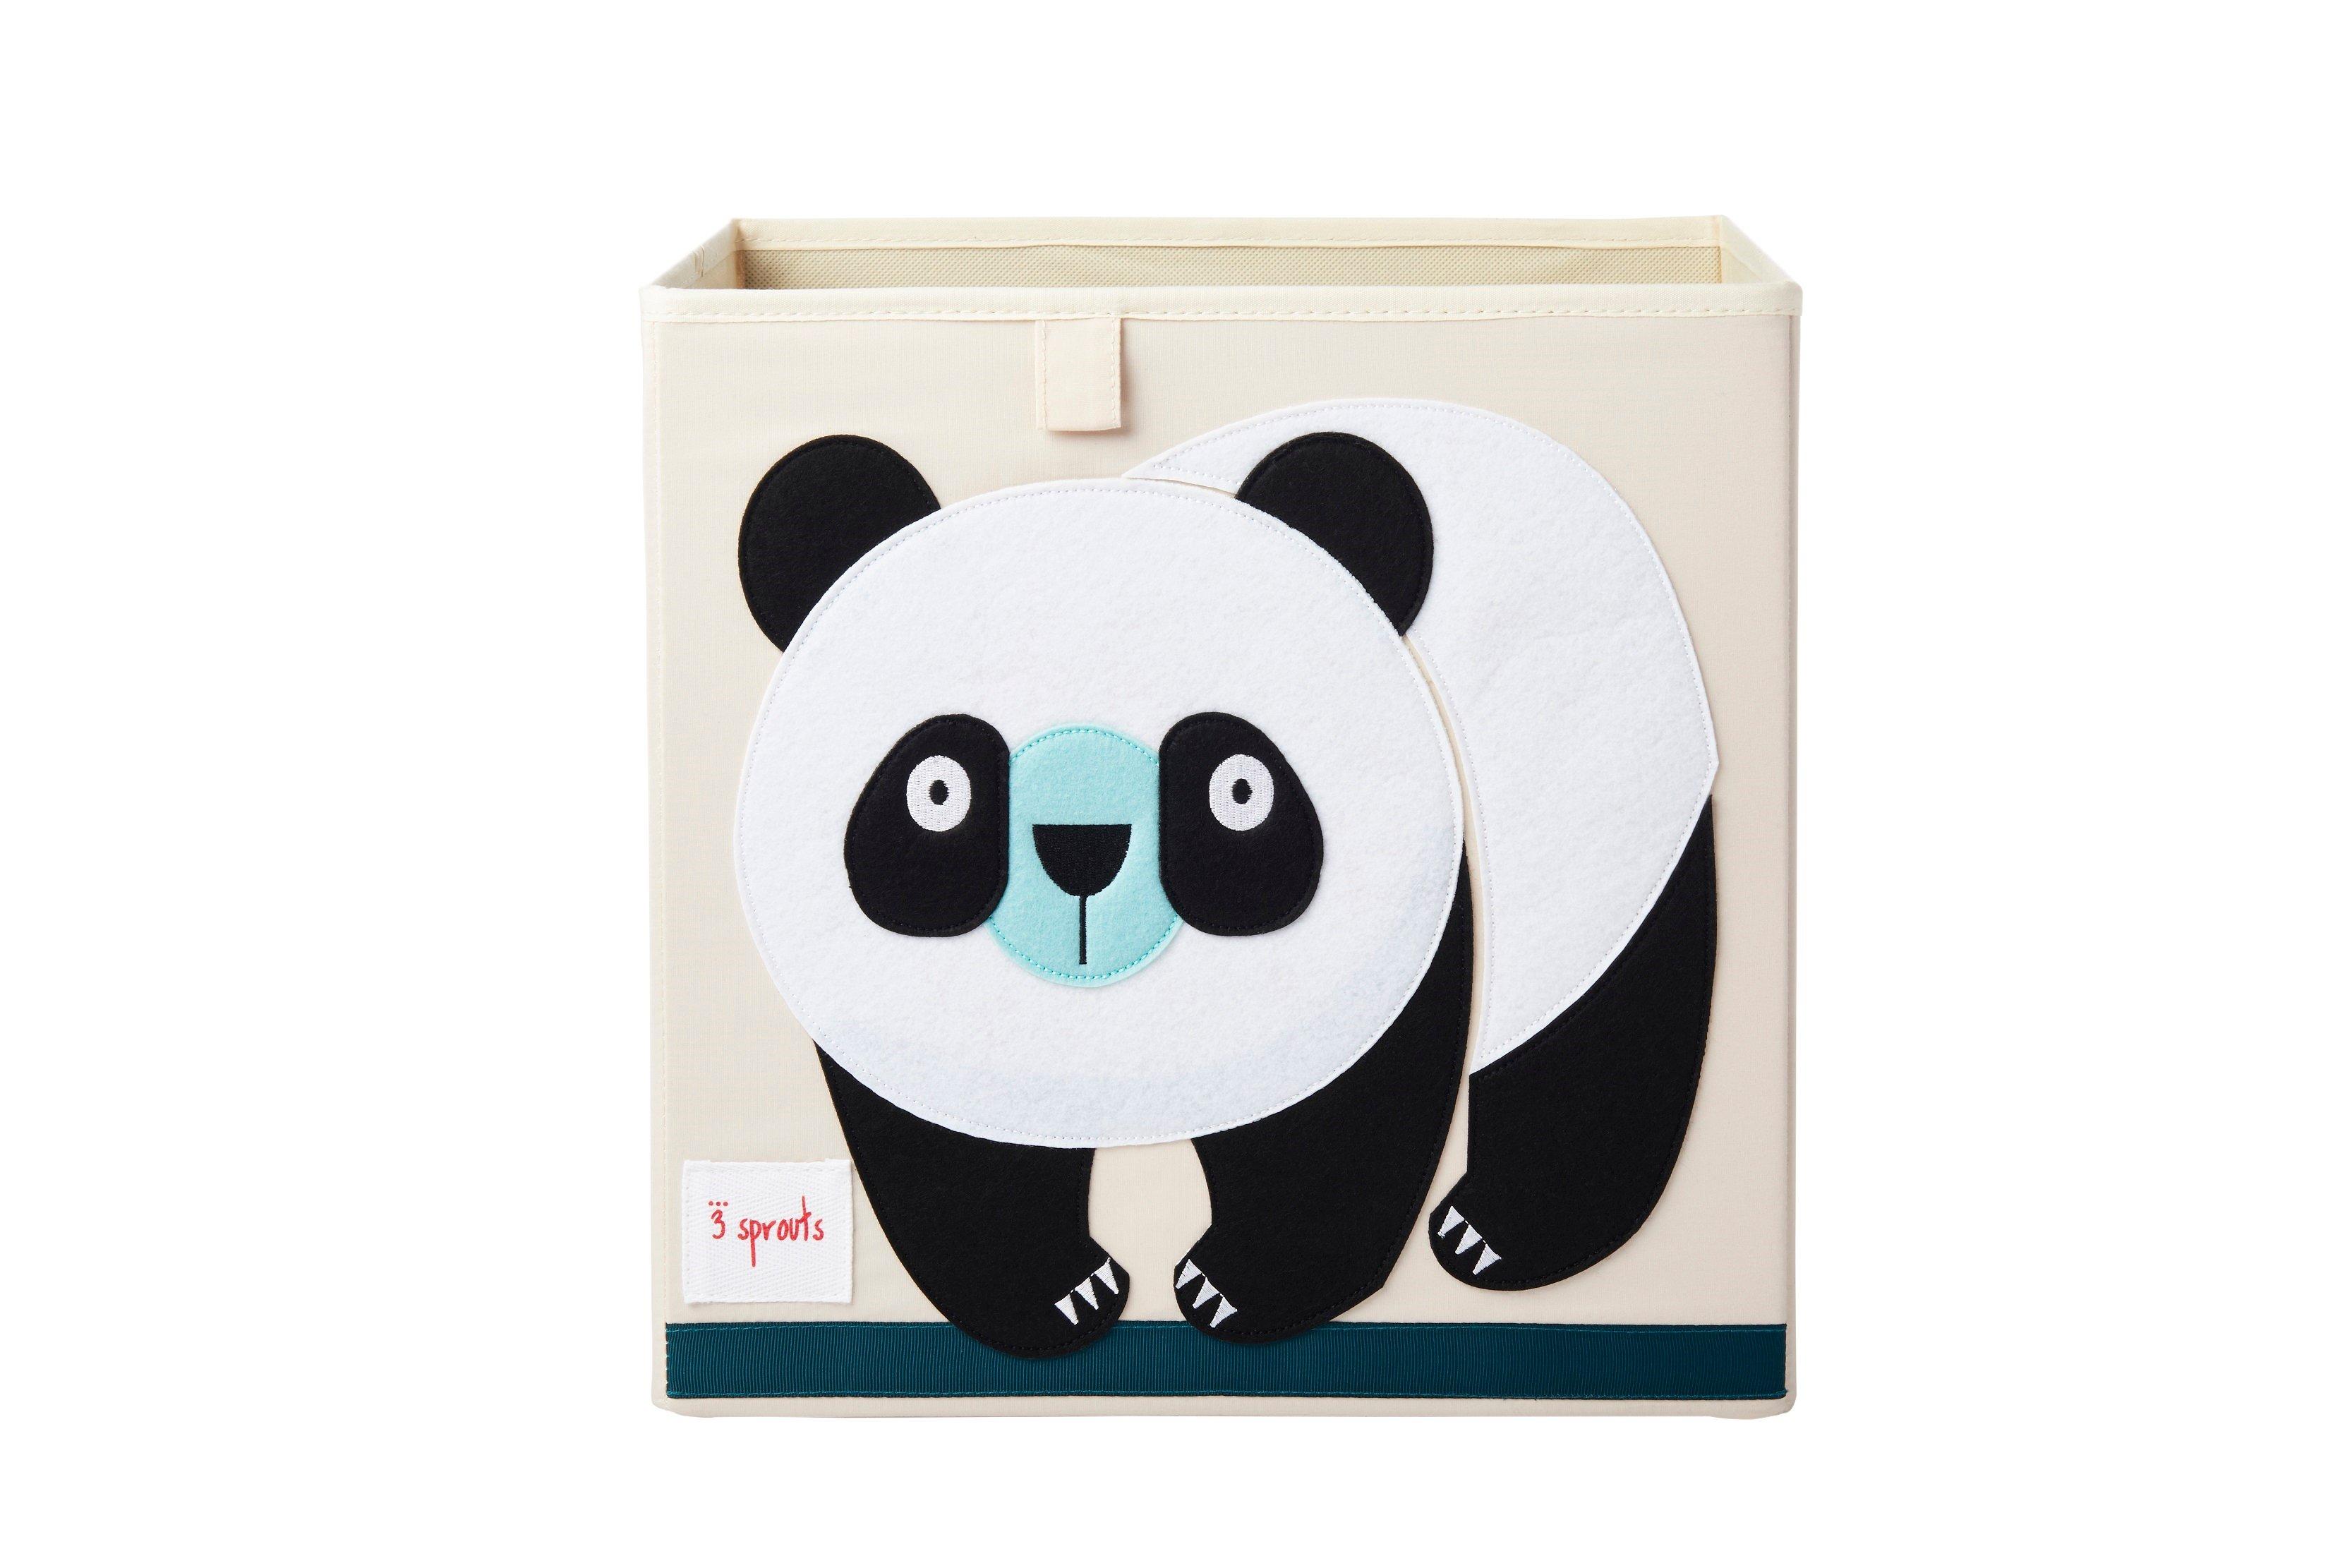 3 Sprouts - Storage Box - Black & White Panda